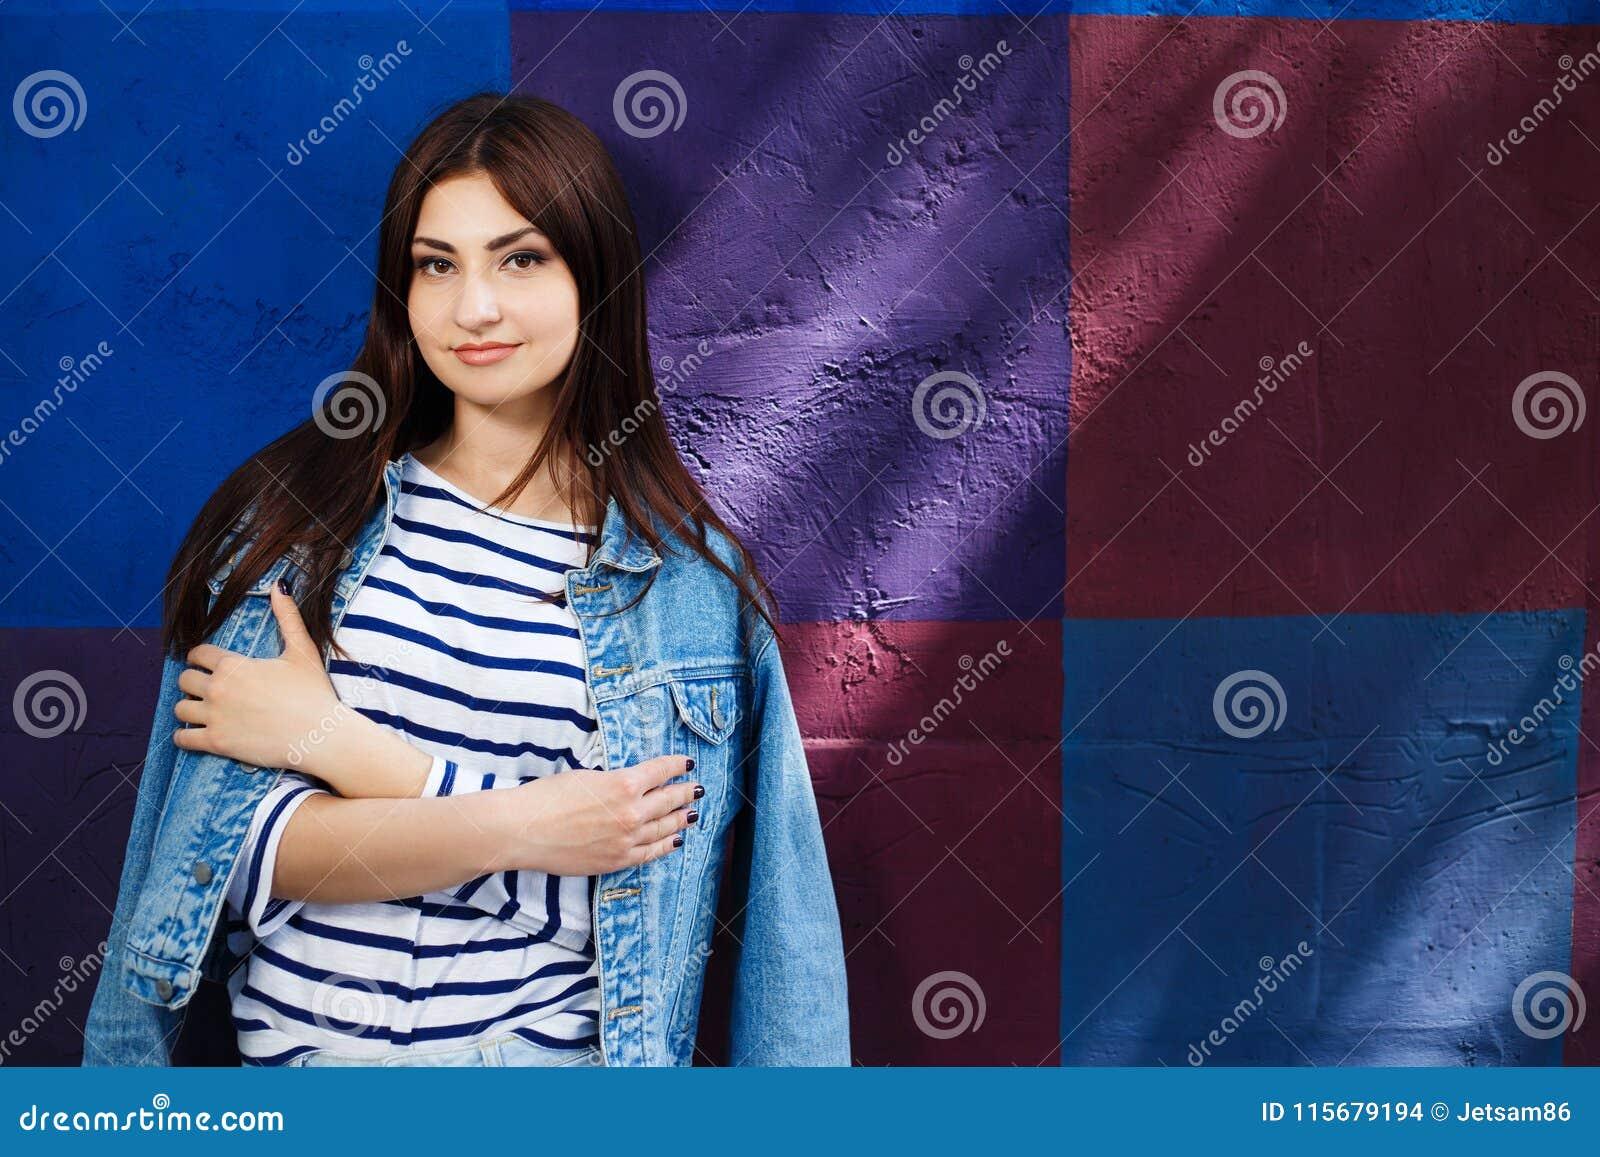 Juventud Estilo De La Ciudad Moda De Las Mujeres Prendas